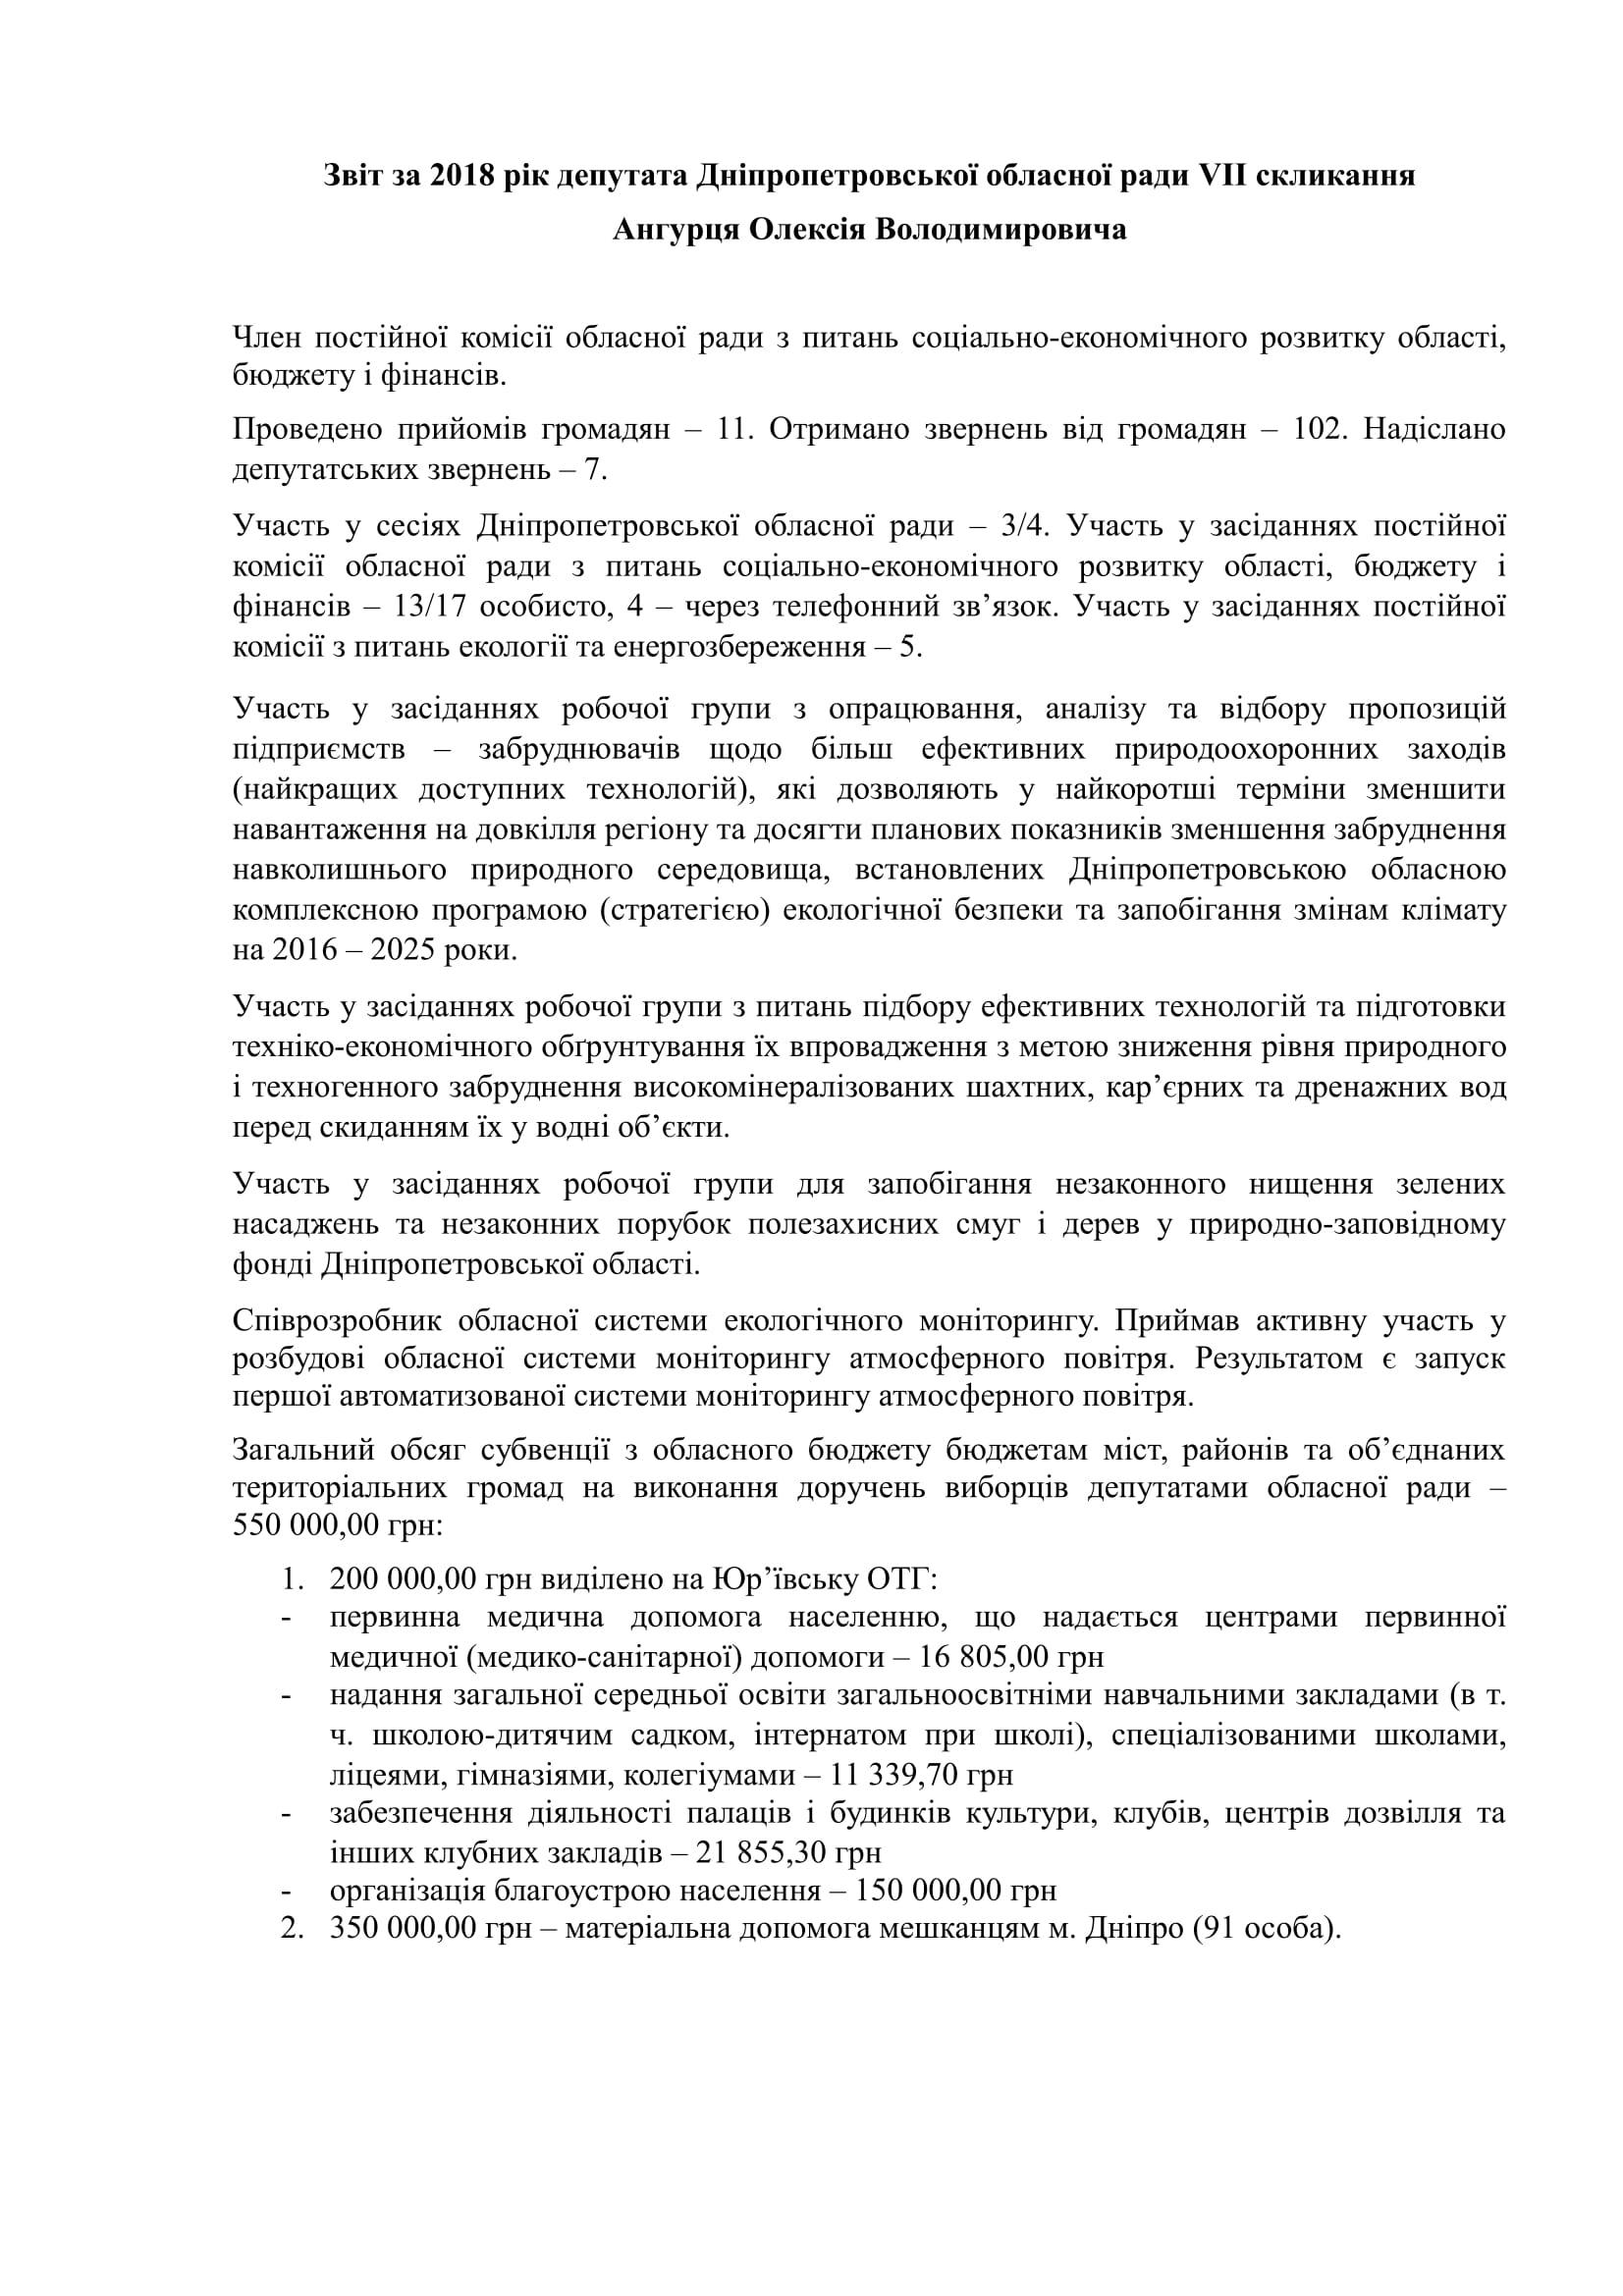 Ангурець - звіт 2018-1